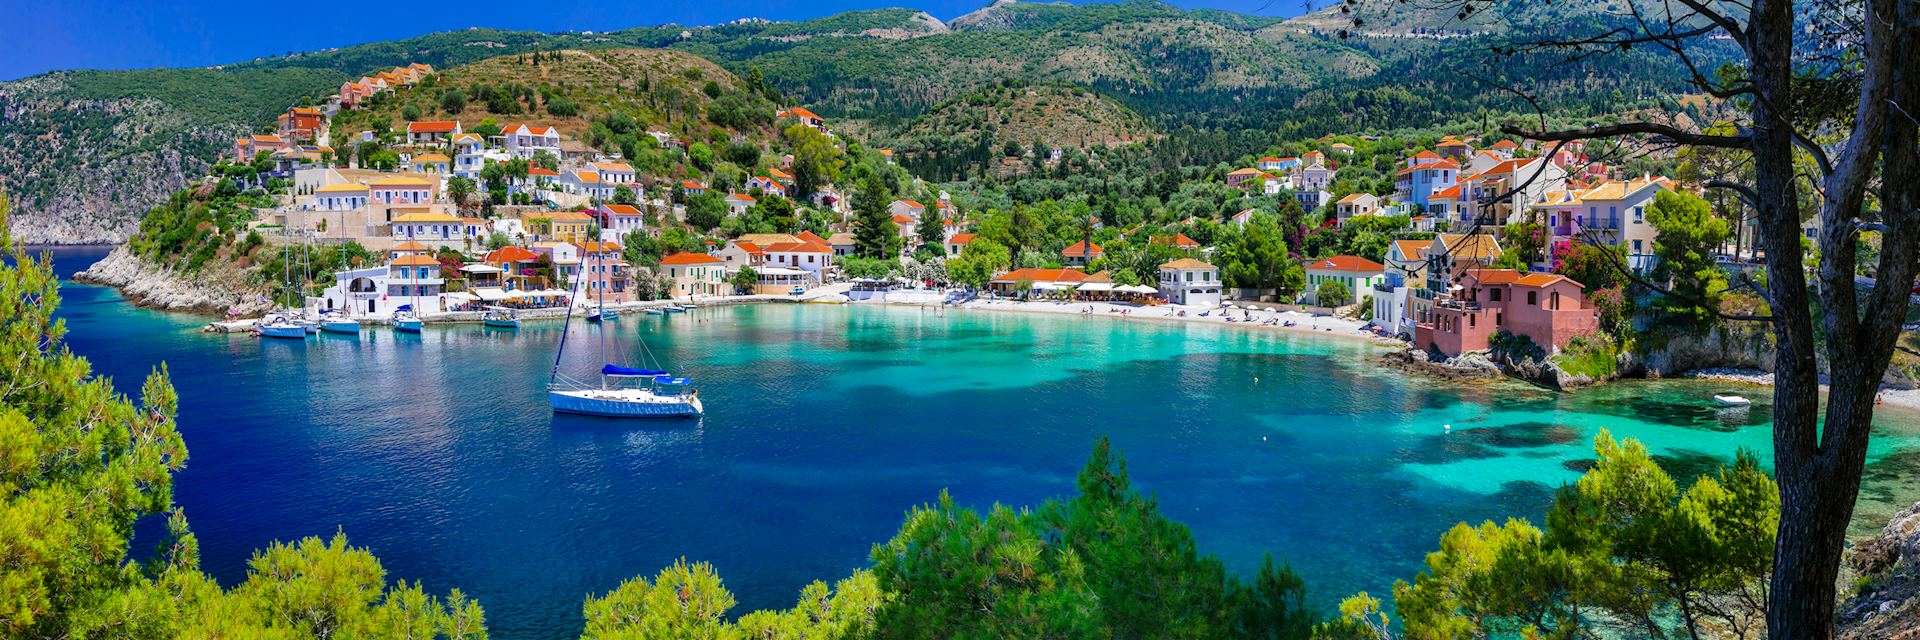 Kefalonia in Greece